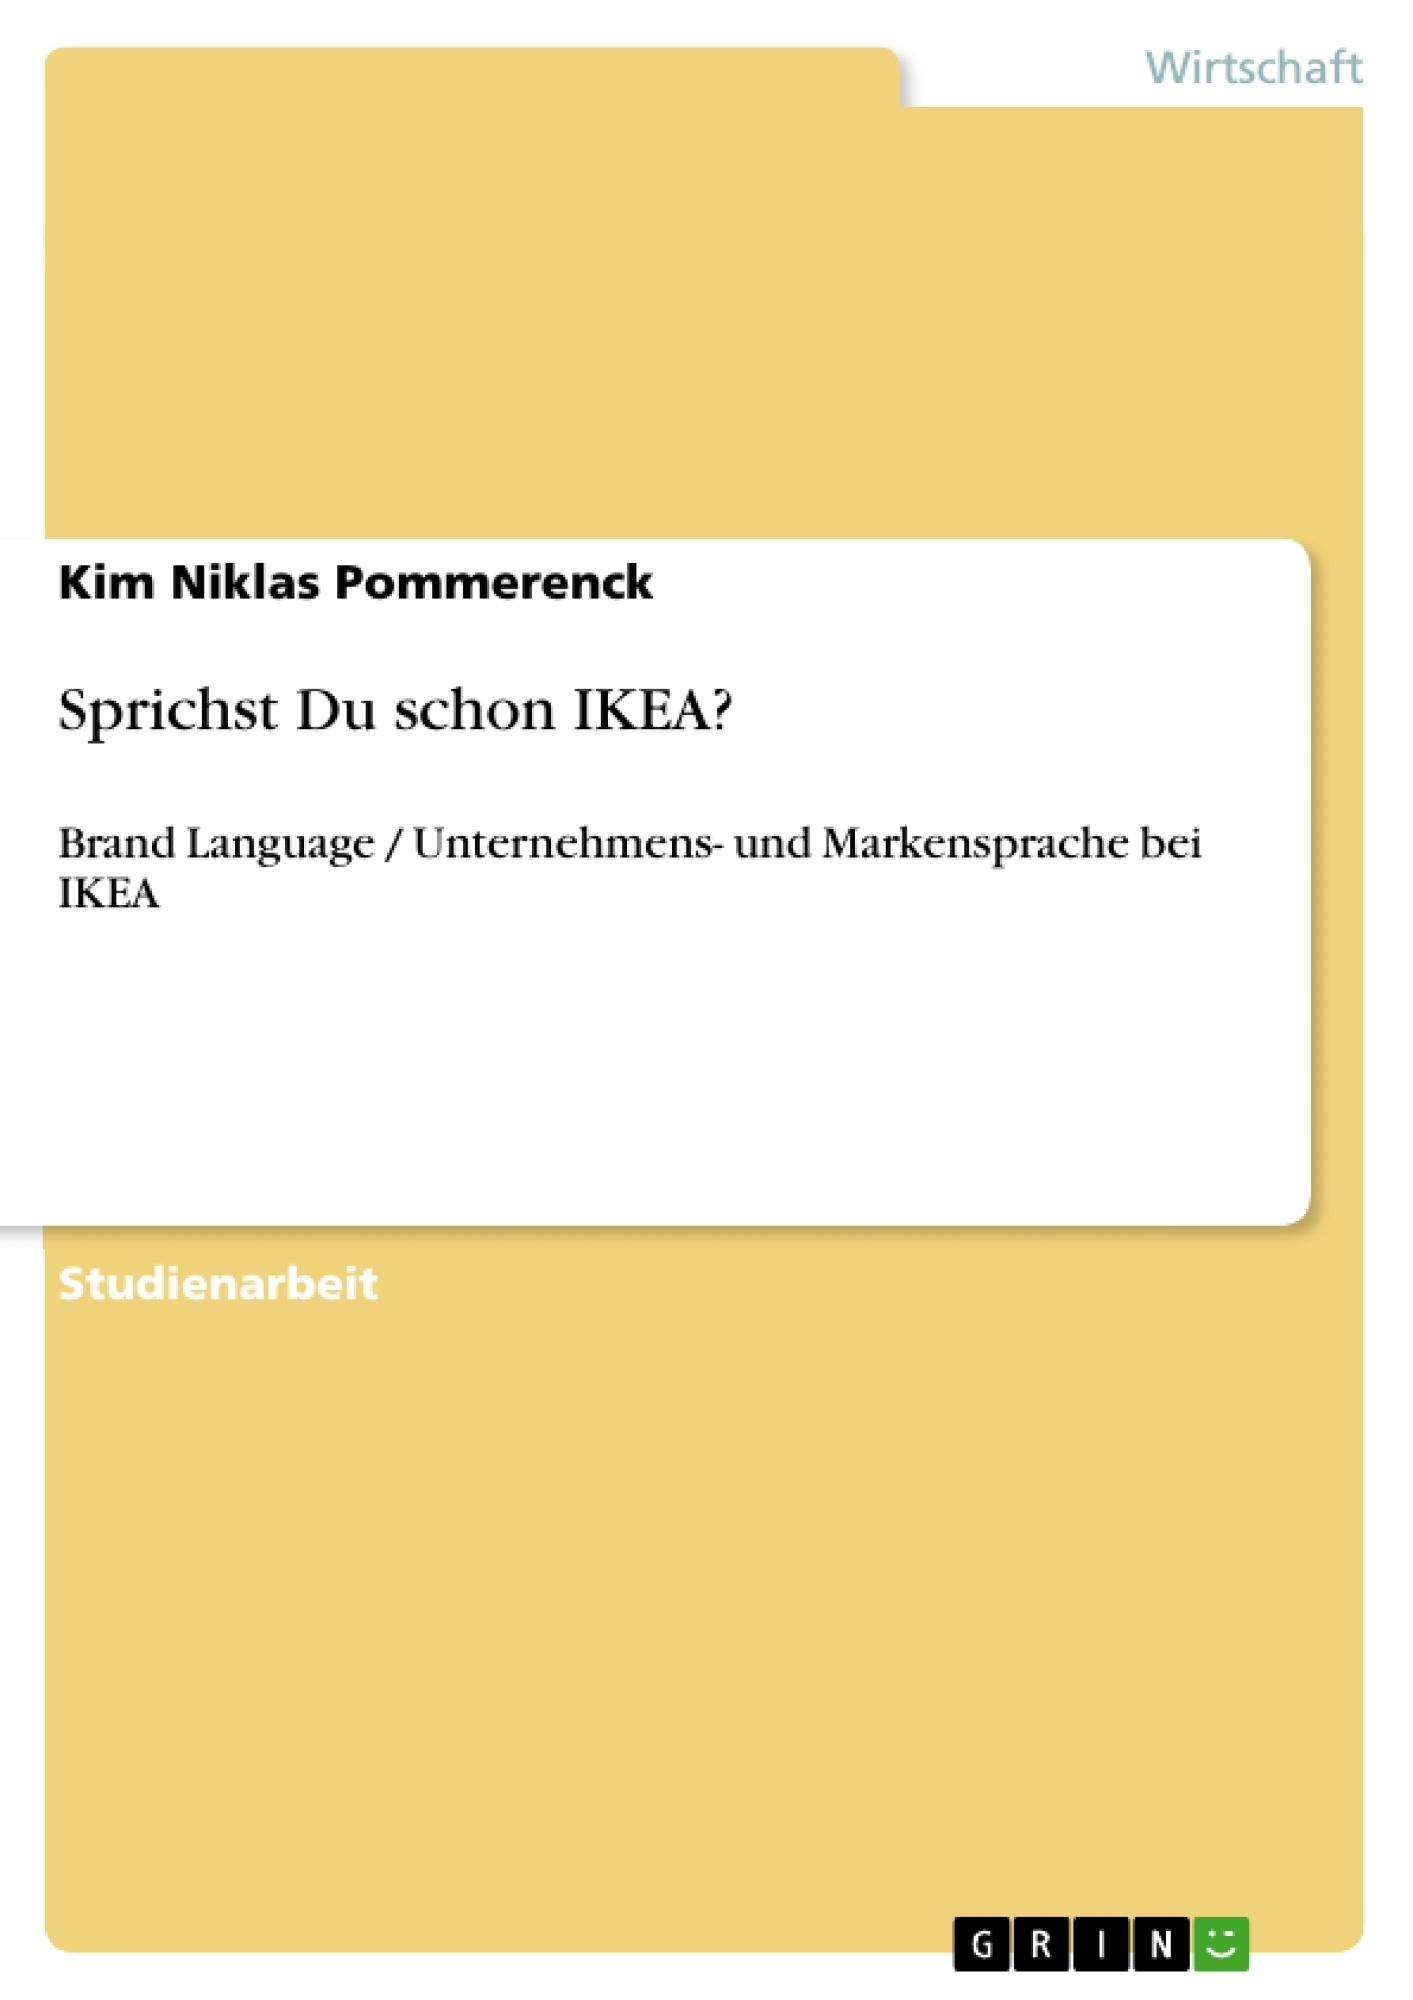 Titel: Sprichst Du schon IKEA?